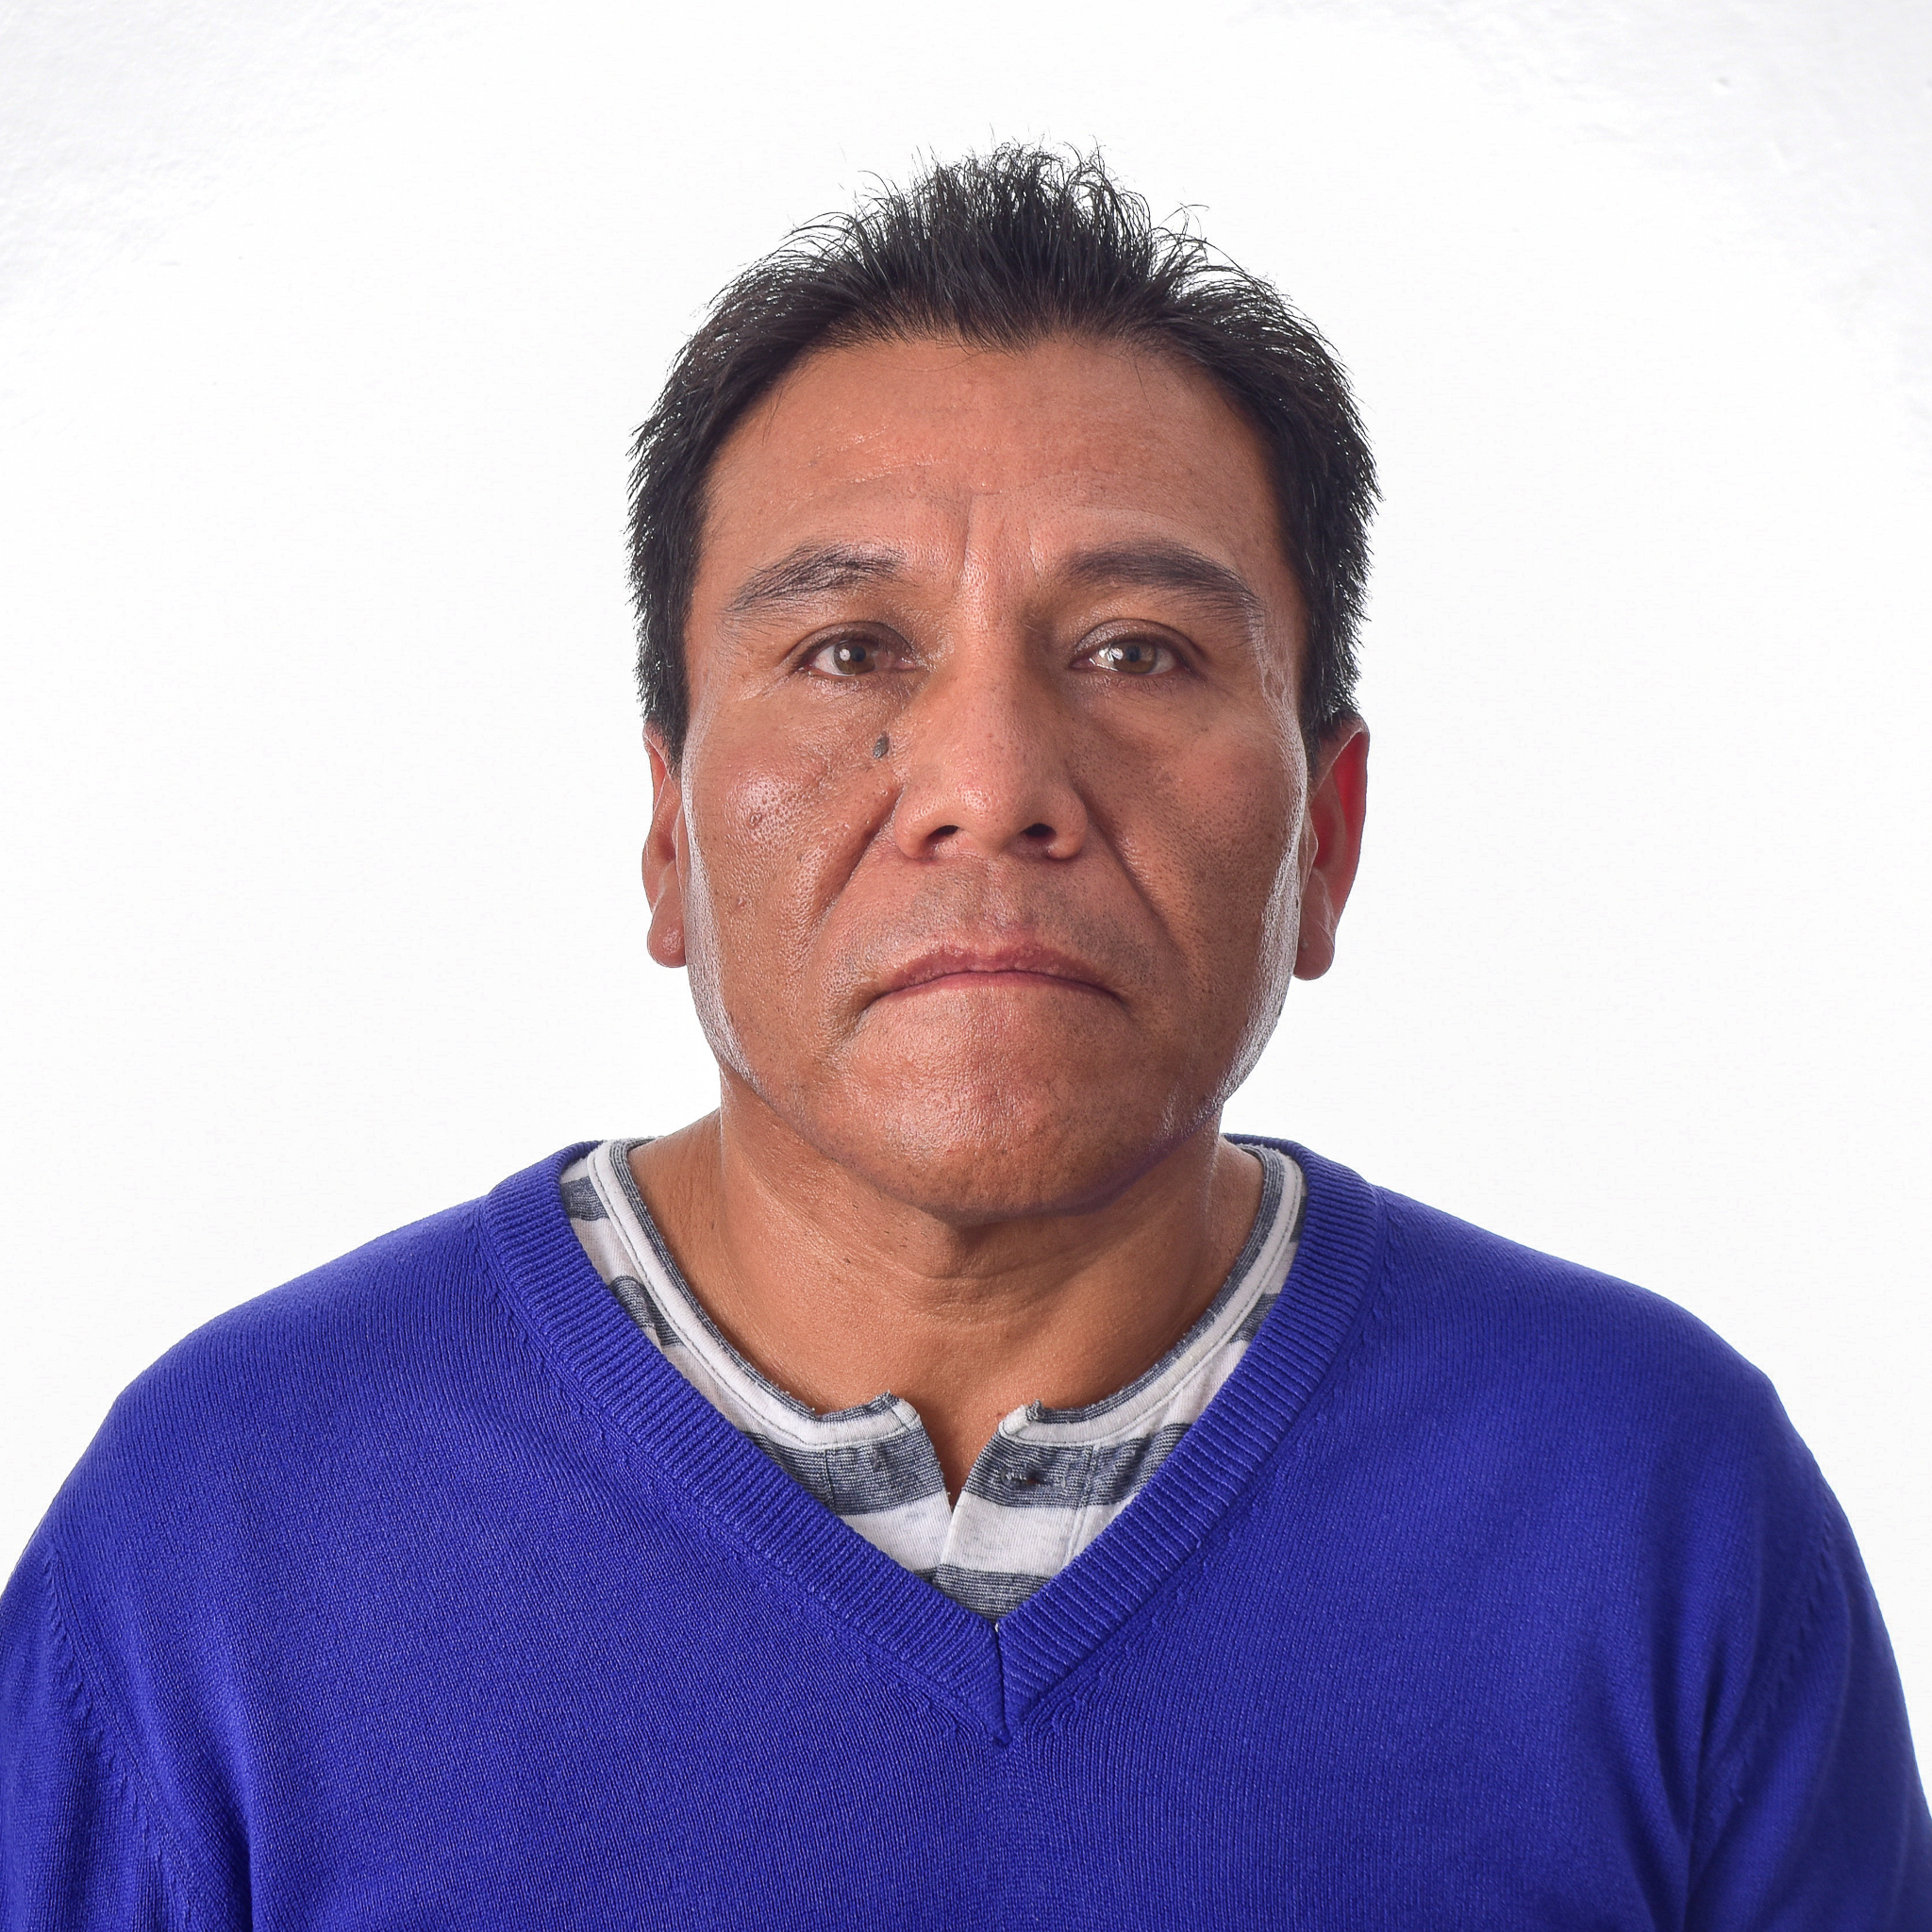 Profile image for Gregorio Alvarado Beltrán